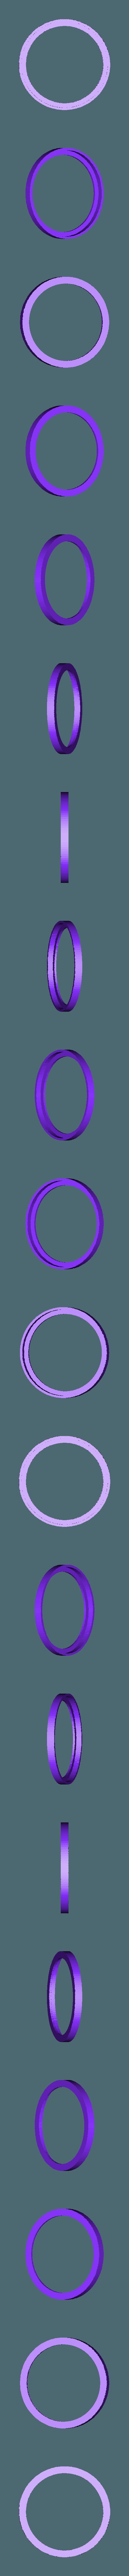 base ring.stl Télécharger fichier STL gratuit Gâteau de Noël au lithophane • Objet pour imprimante 3D, liggett1